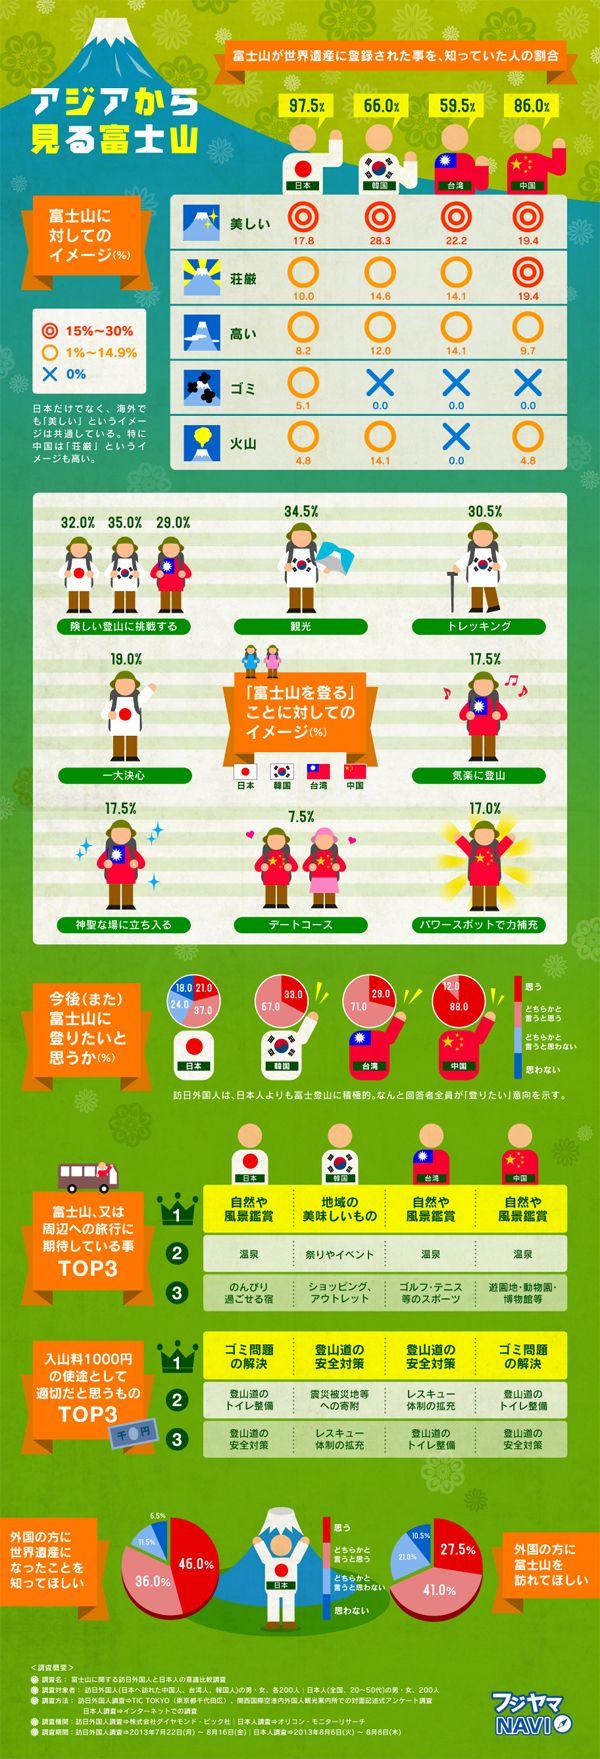 日本人と、韓国、台湾、中国からの訪日外国人に対して行われた富士山観光の意識調査結果をまとめたインフォグラフィックです。富士山世界遺産登録...